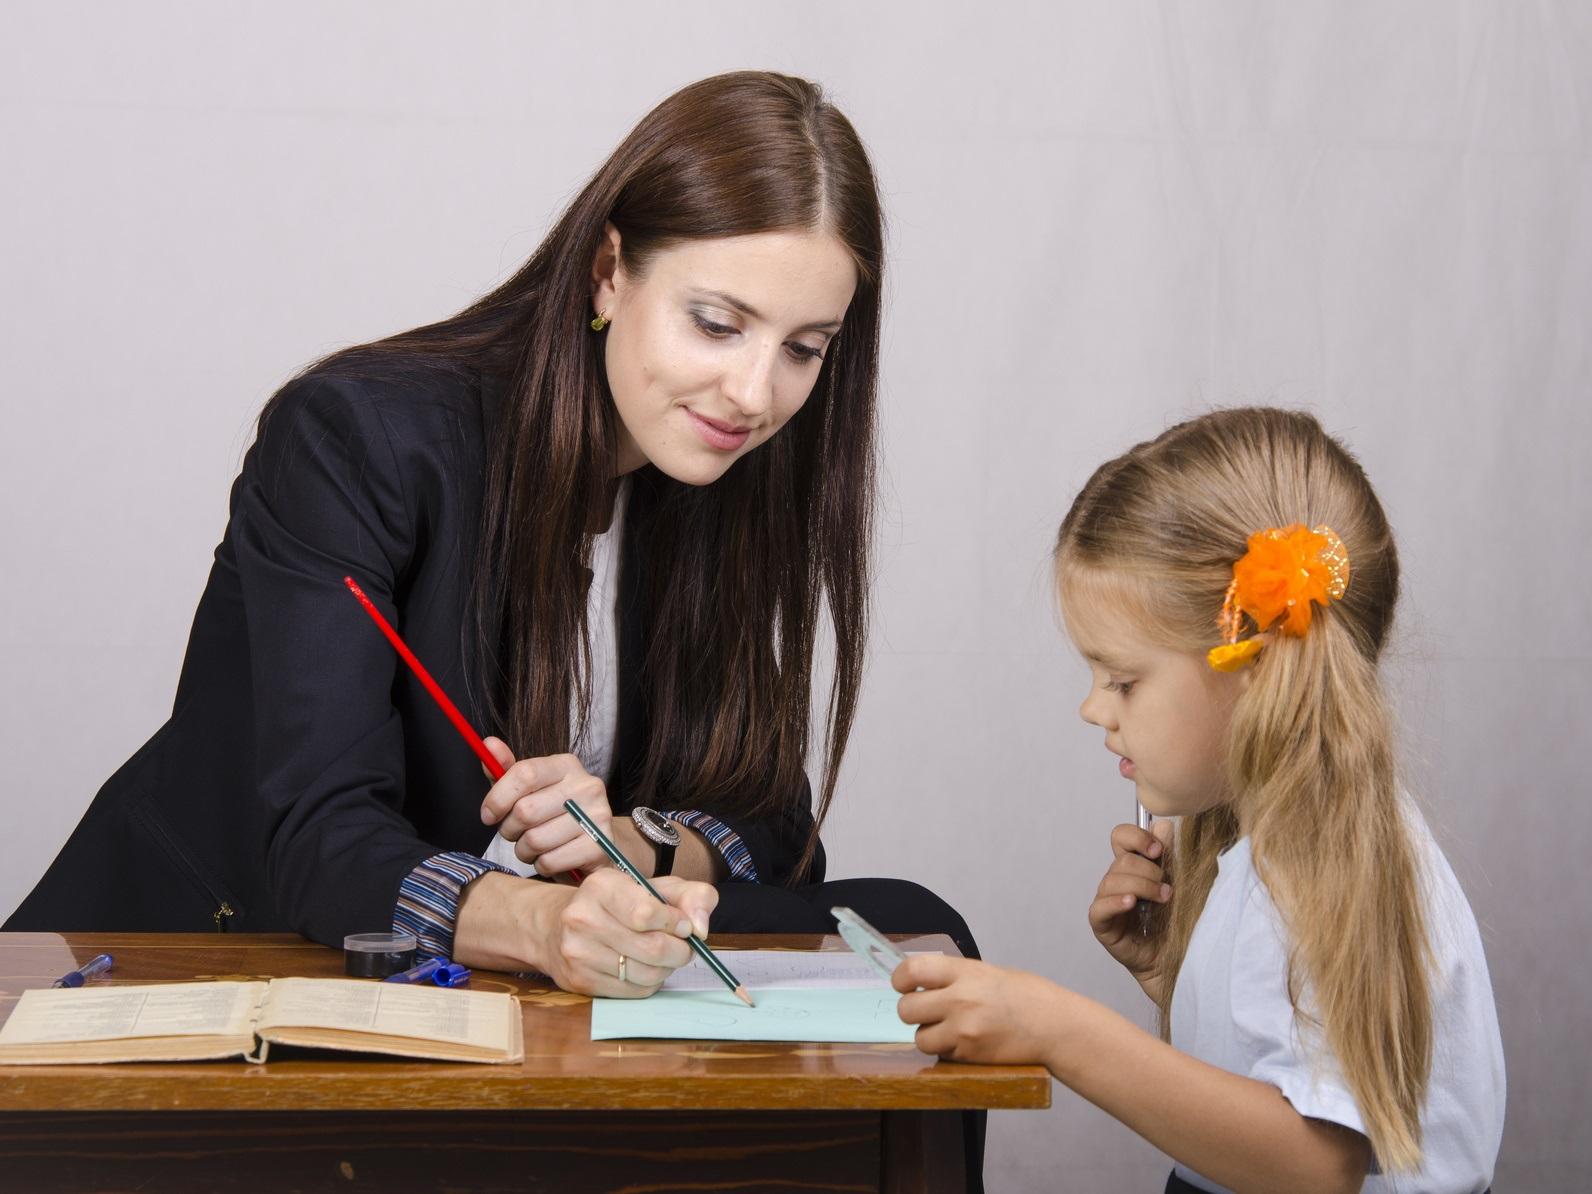 Смотреть бесплатно ученик и учительница 17 фотография